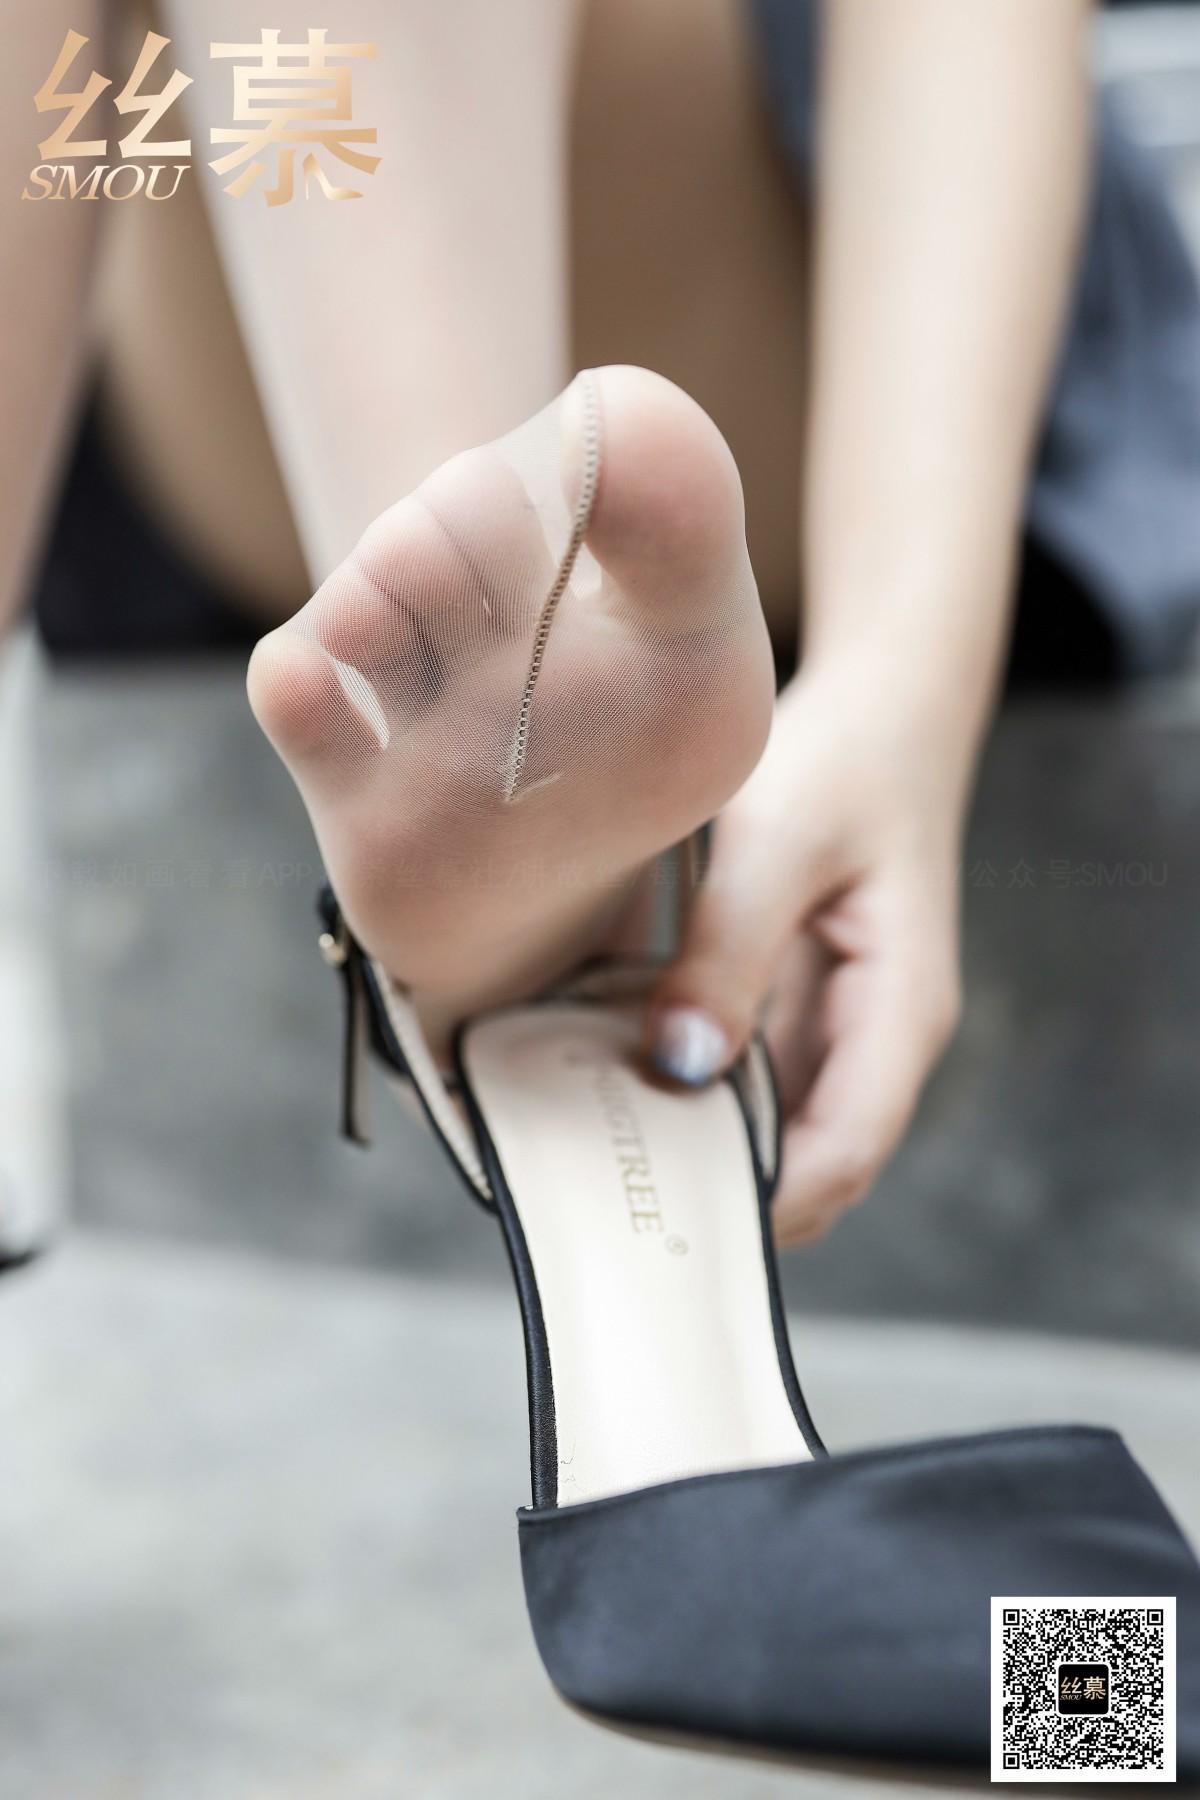 [丝慕写真] 2020.10.07 SM376 米朵《玩足×挑鞋》 第3张